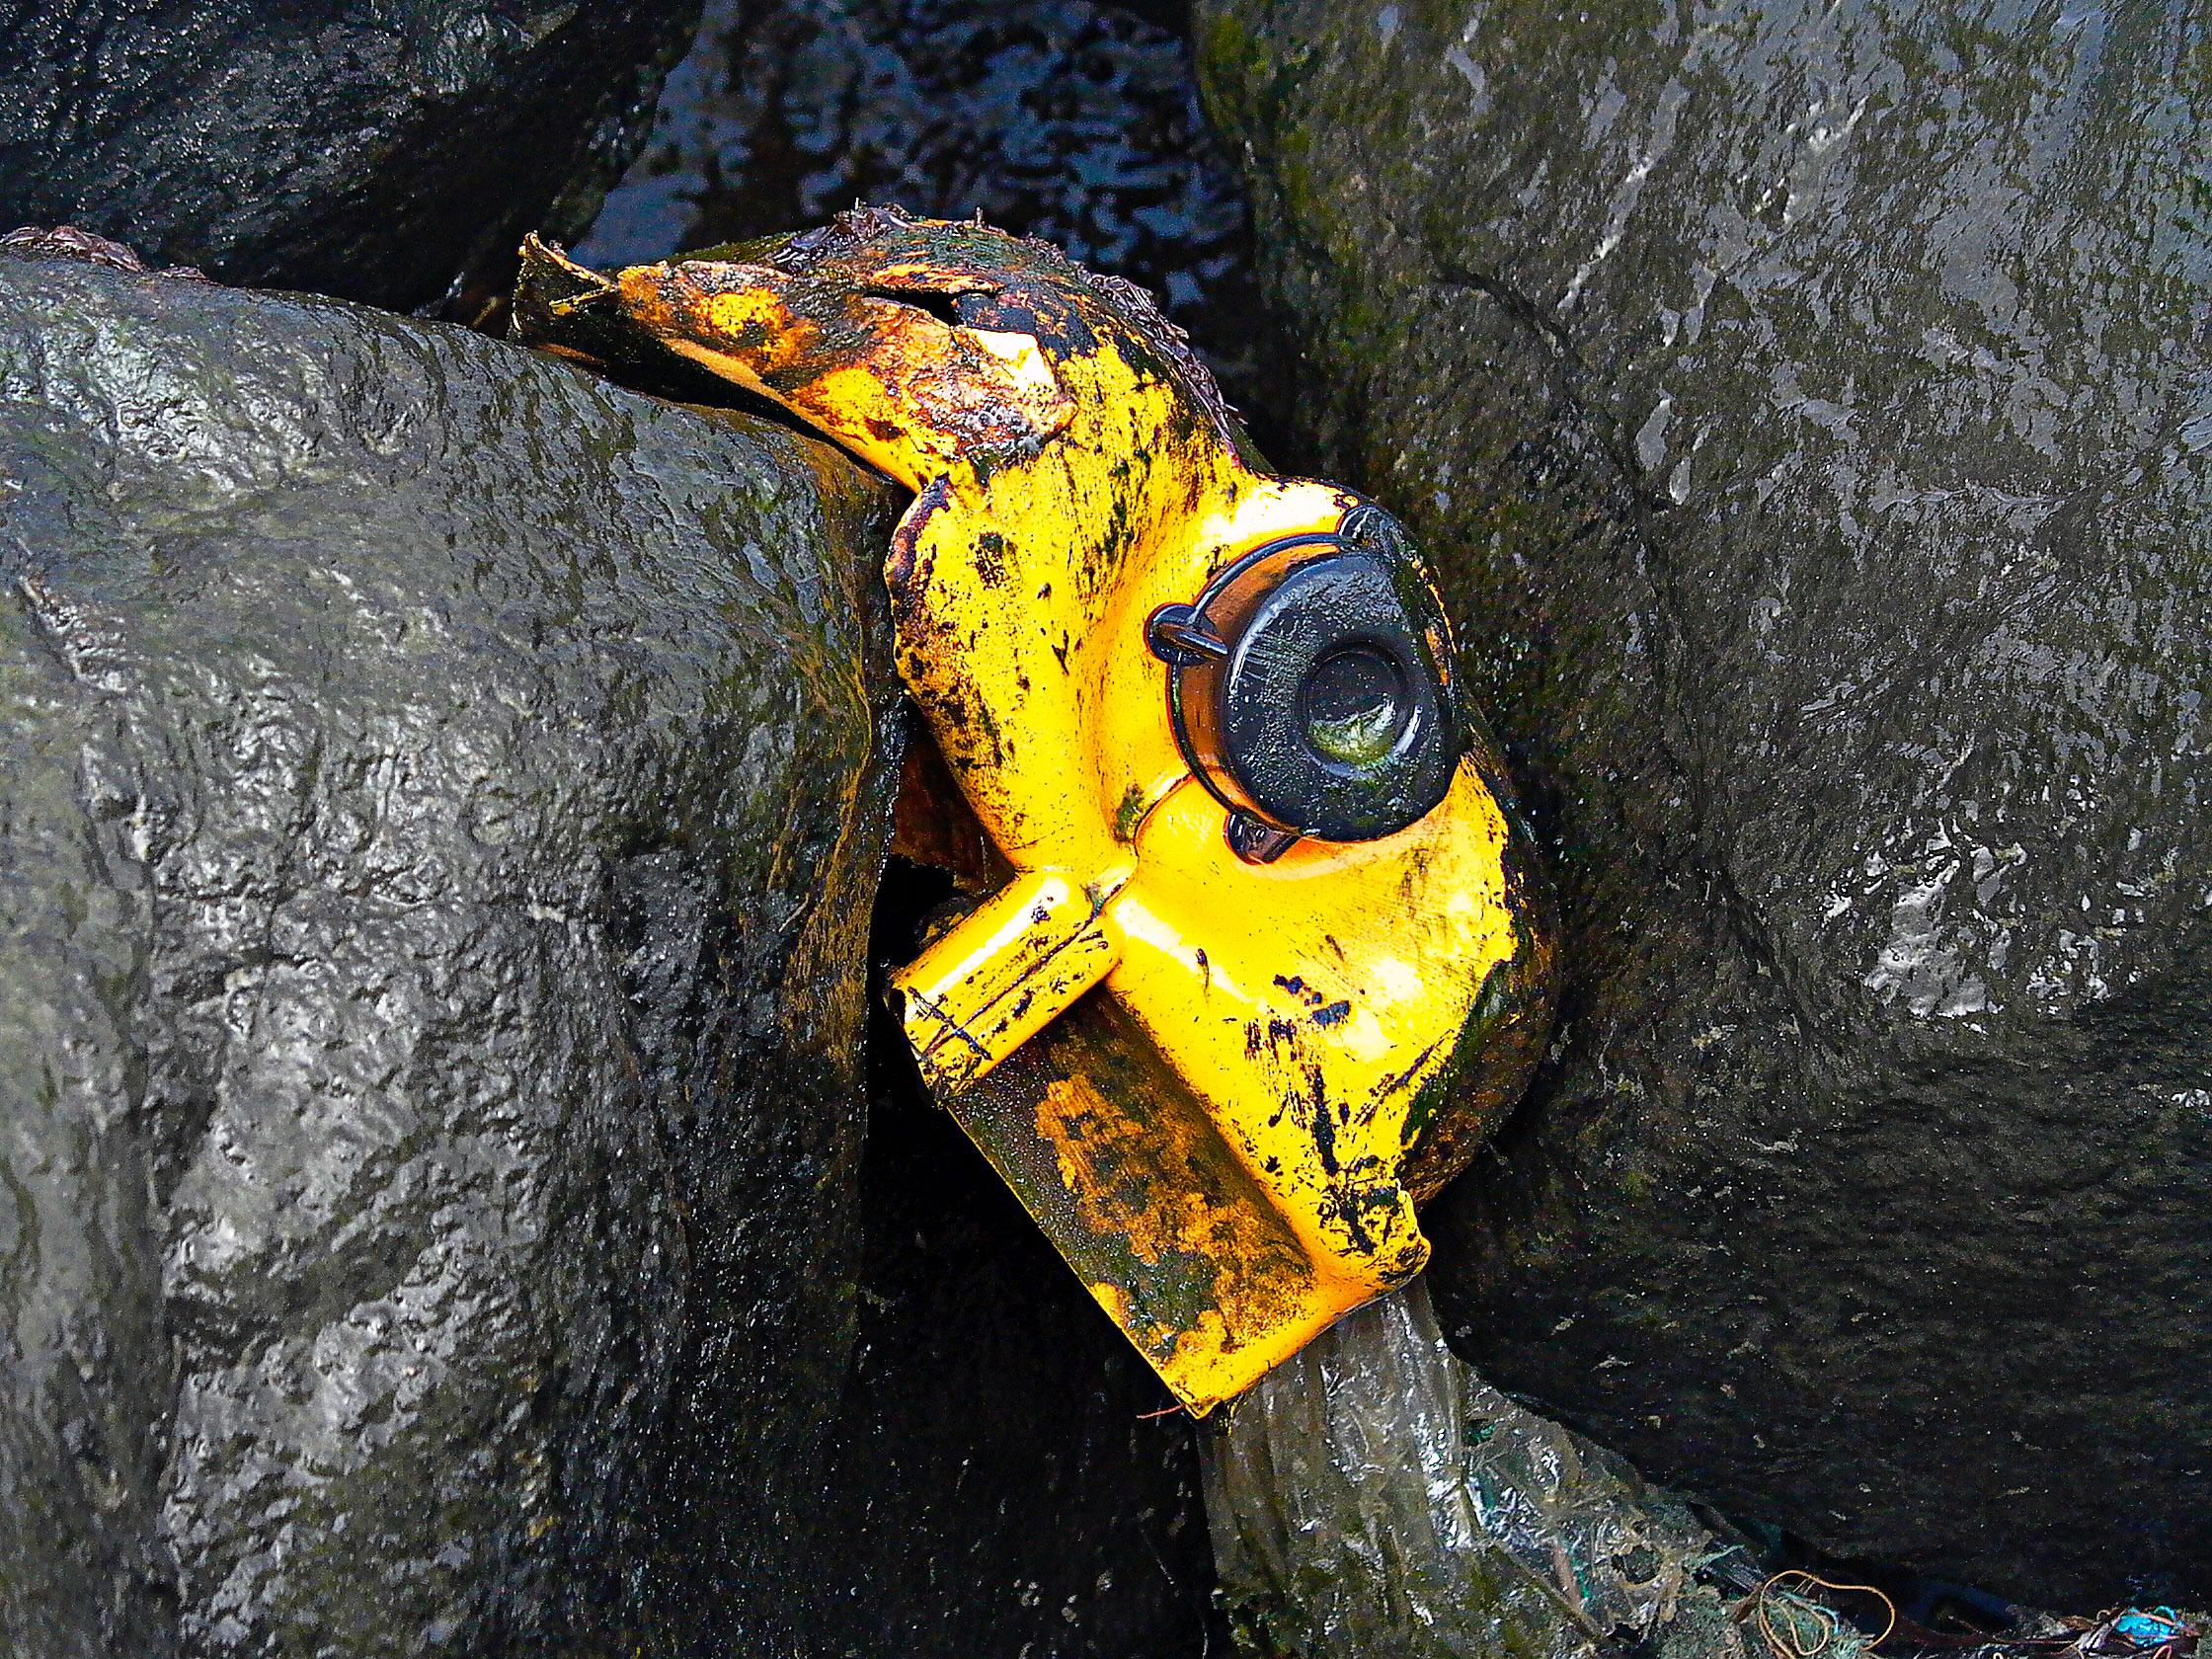 Wreckage #034  / Lønstrup, Denmark / Winter 2010